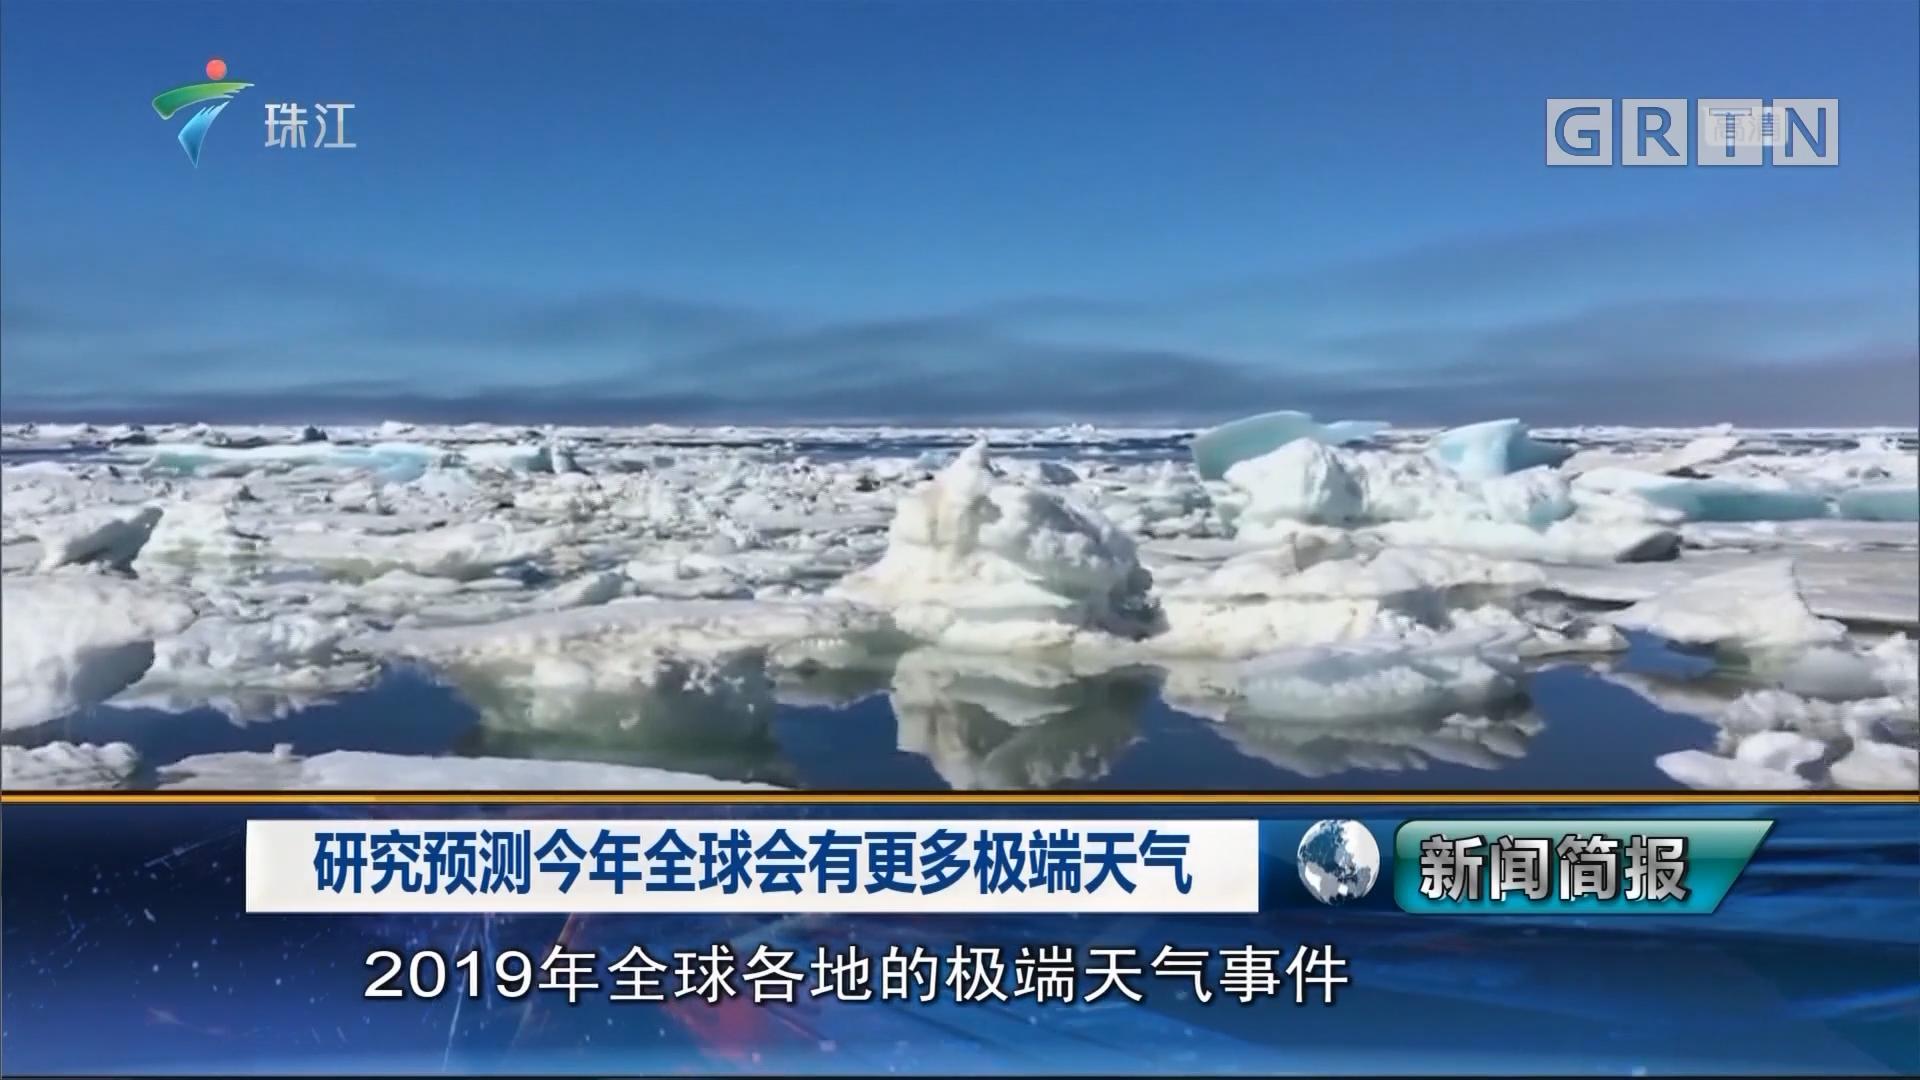 研究预测今年全球会有更多极端天气